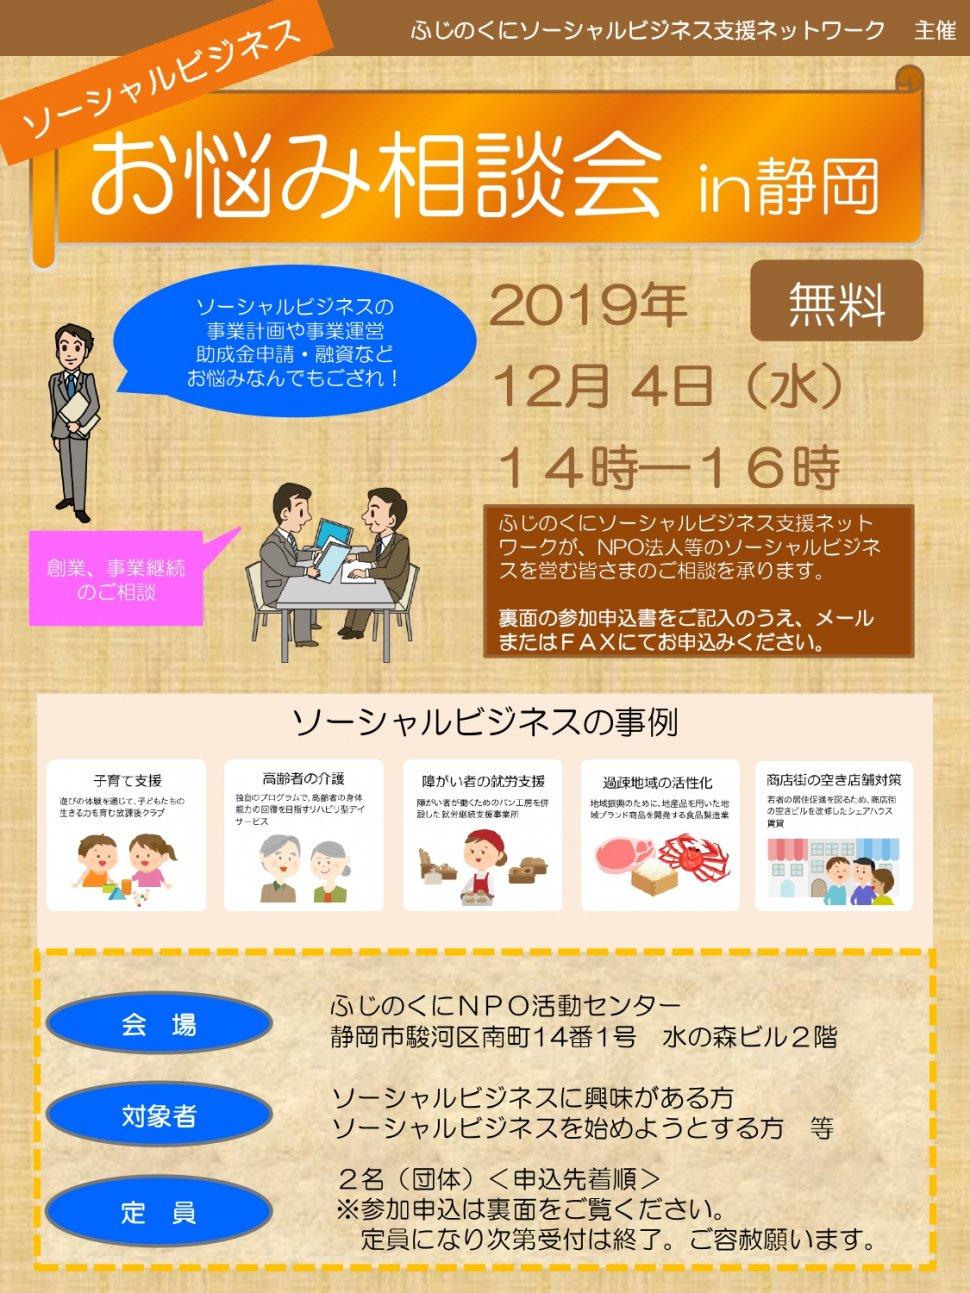 【公庫によるイラスト修正済み】相談会案内(2019.12.4)_page-0001